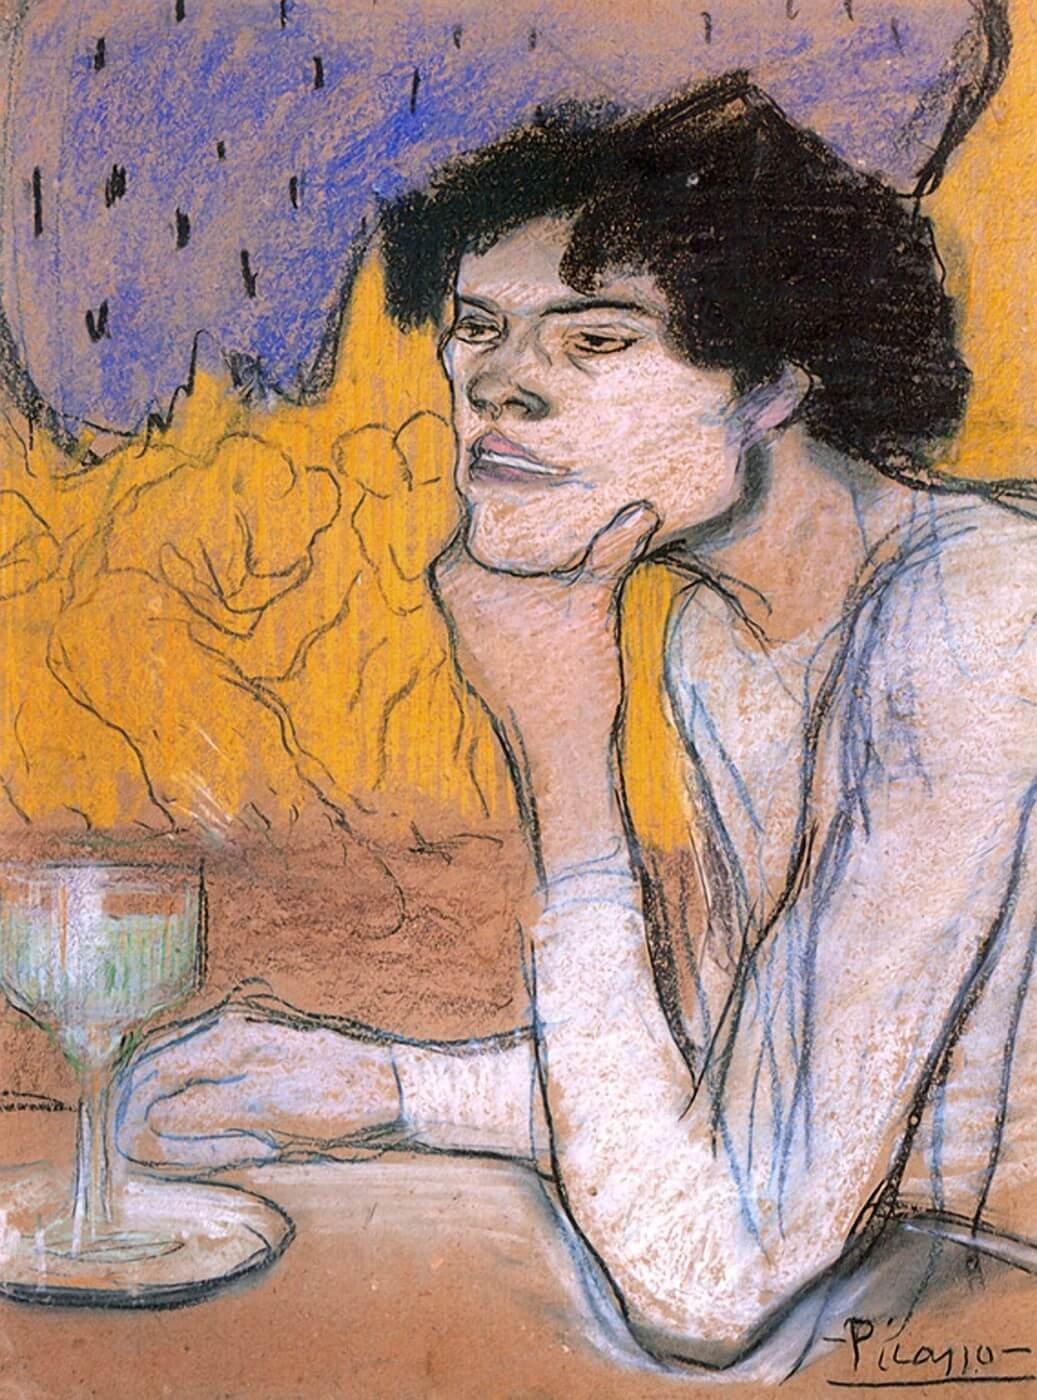 Pablo_Picasso_-_Girl_In_Cafe_9c62dabf-745e-4b52-806f-a4529ed02686.jpg